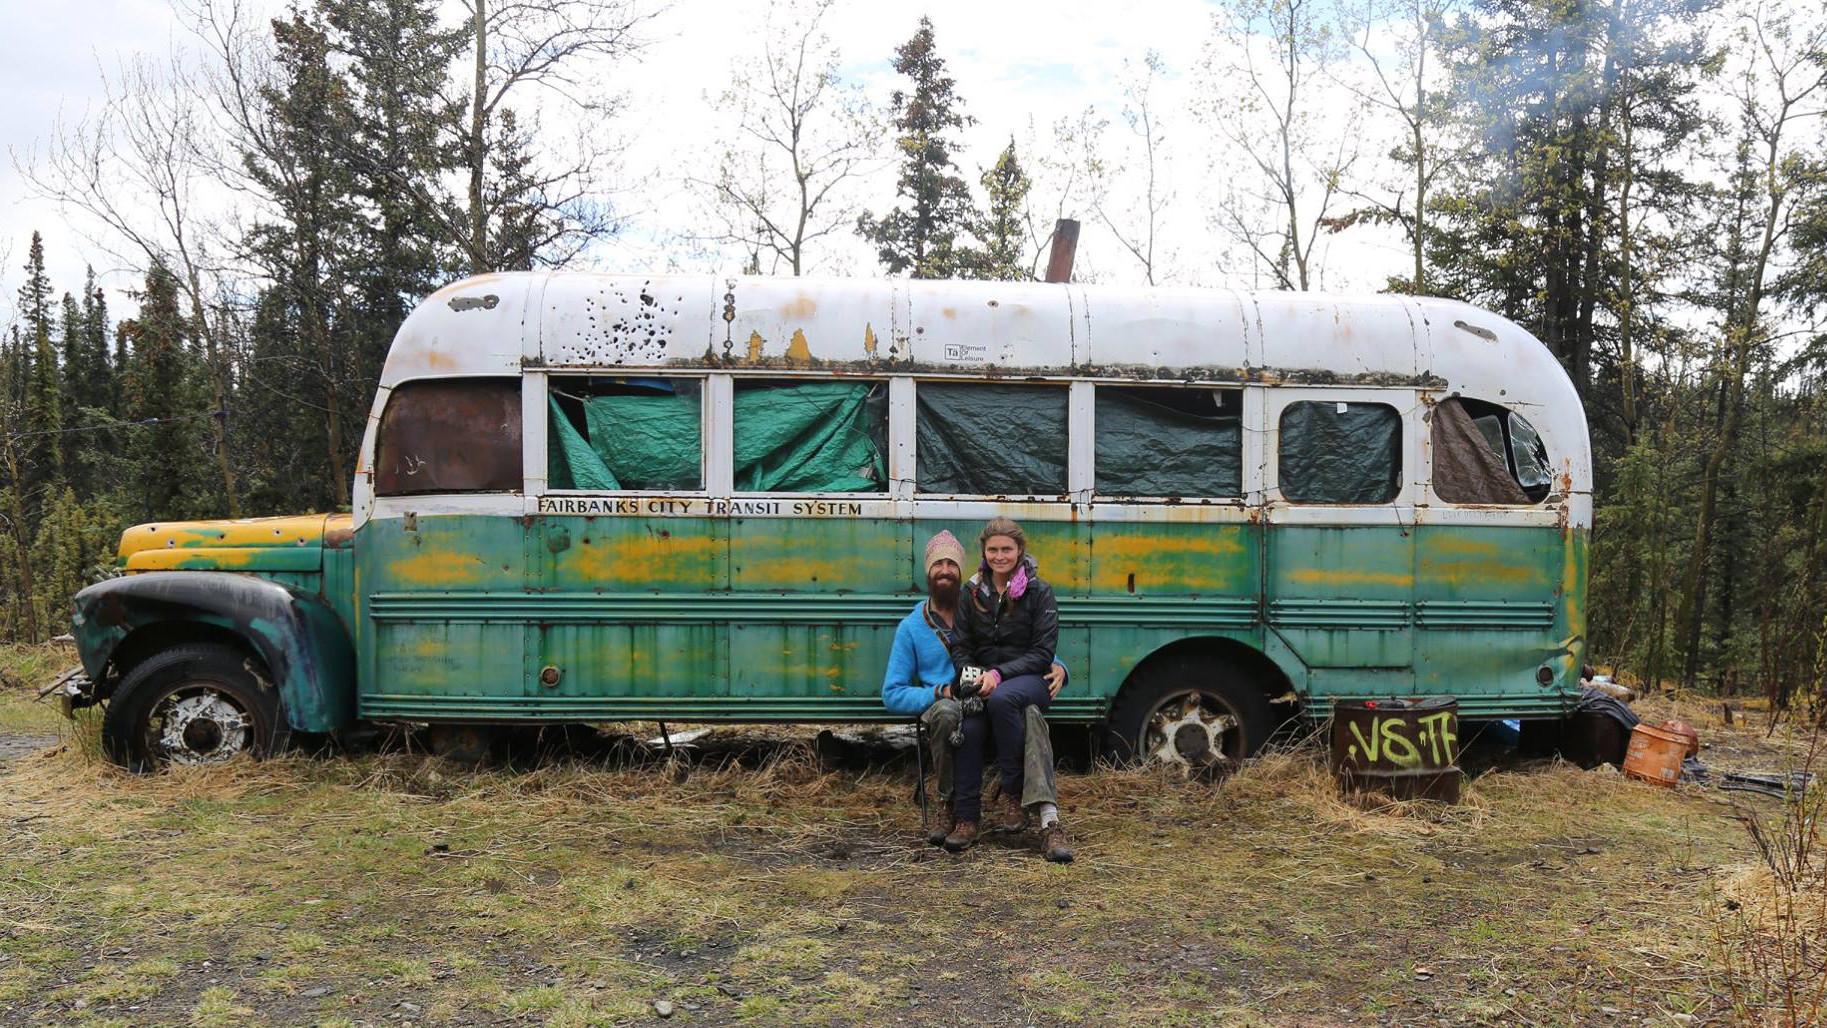 Franco y Olga cerca de un autobús abandonado en Stampede Trail (Alaska), donde murió el senderista estadounidense Christopher McCandless. Se hizo famoso gracias al libro de Jon Krakauer sobre su vida, 'Into the Wild', que inspiró en 2007 la película homónima dirigida por Sean Penn.